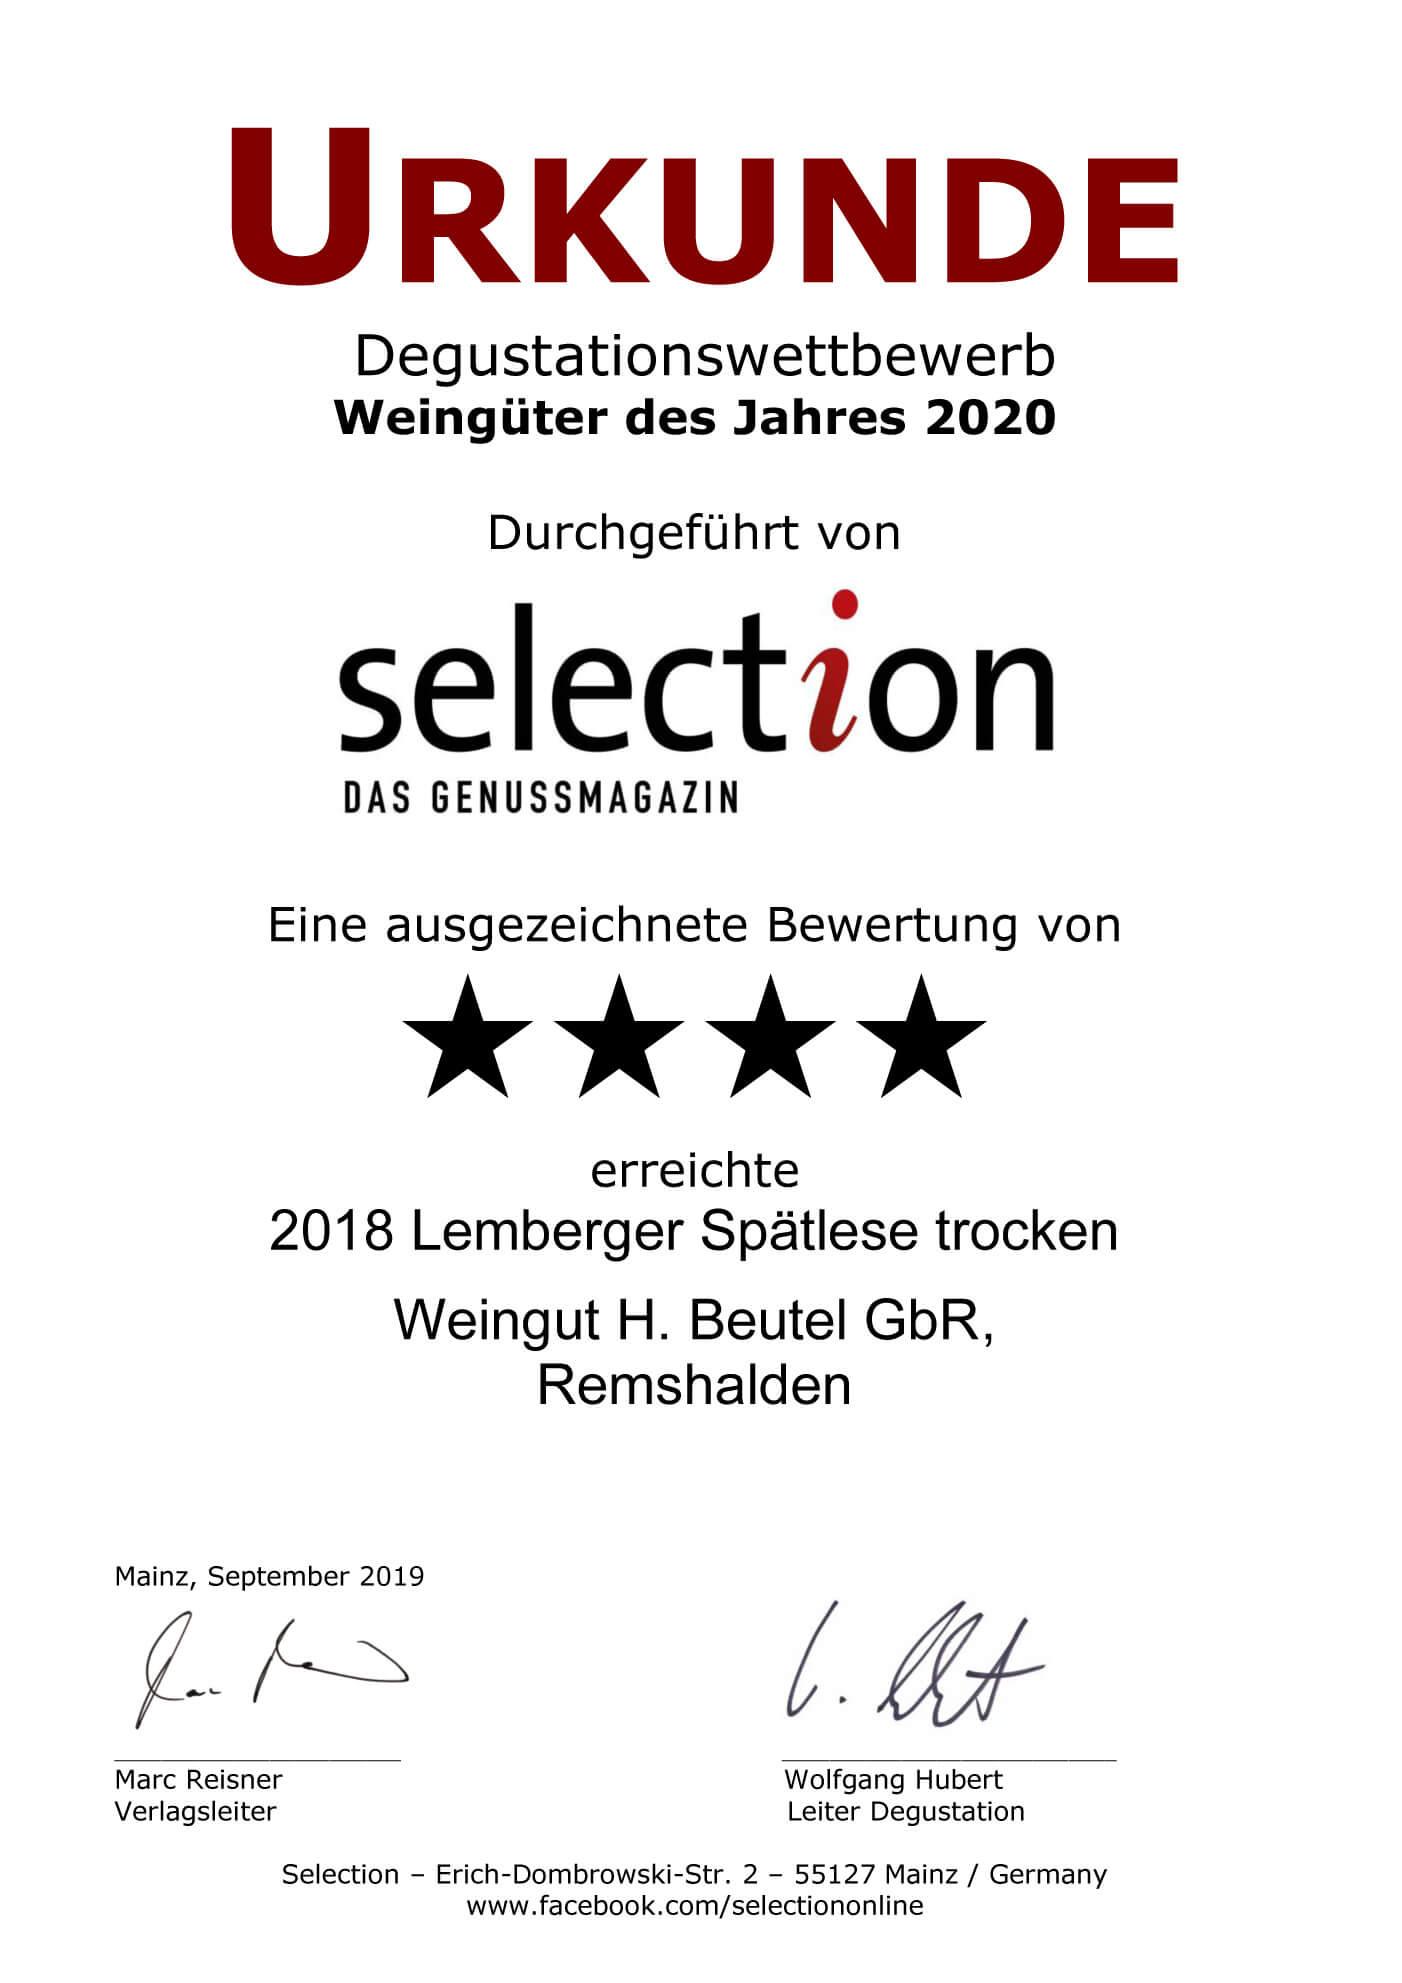 Urkunde Weingut 2020 - Lemberger Spätlese 2018